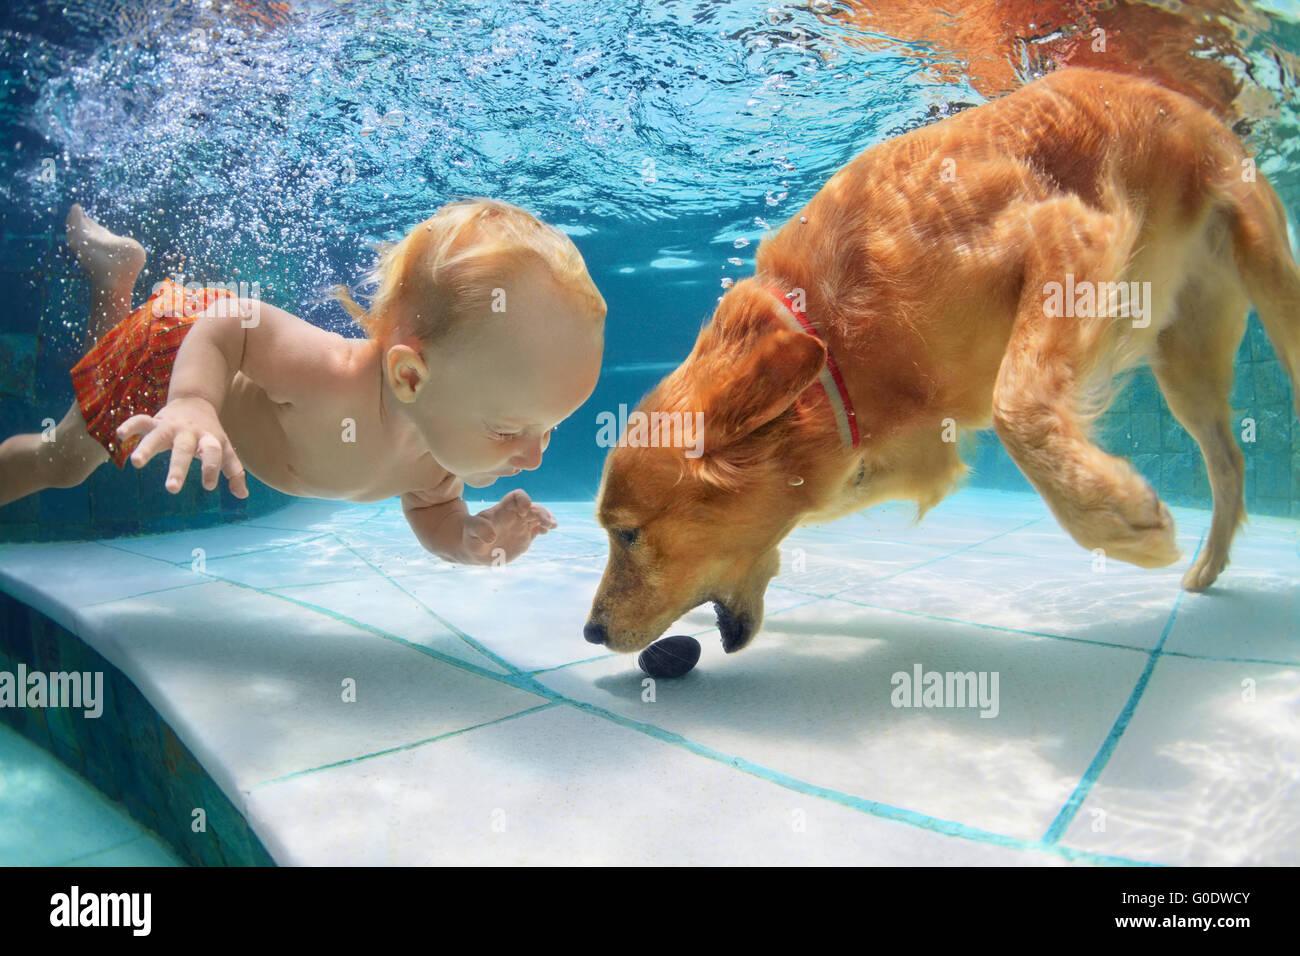 Funny bambino gioca con il divertimento e il treno Golden Labrador retriever puppy in piscina, saltare e tuffarsi Immagini Stock